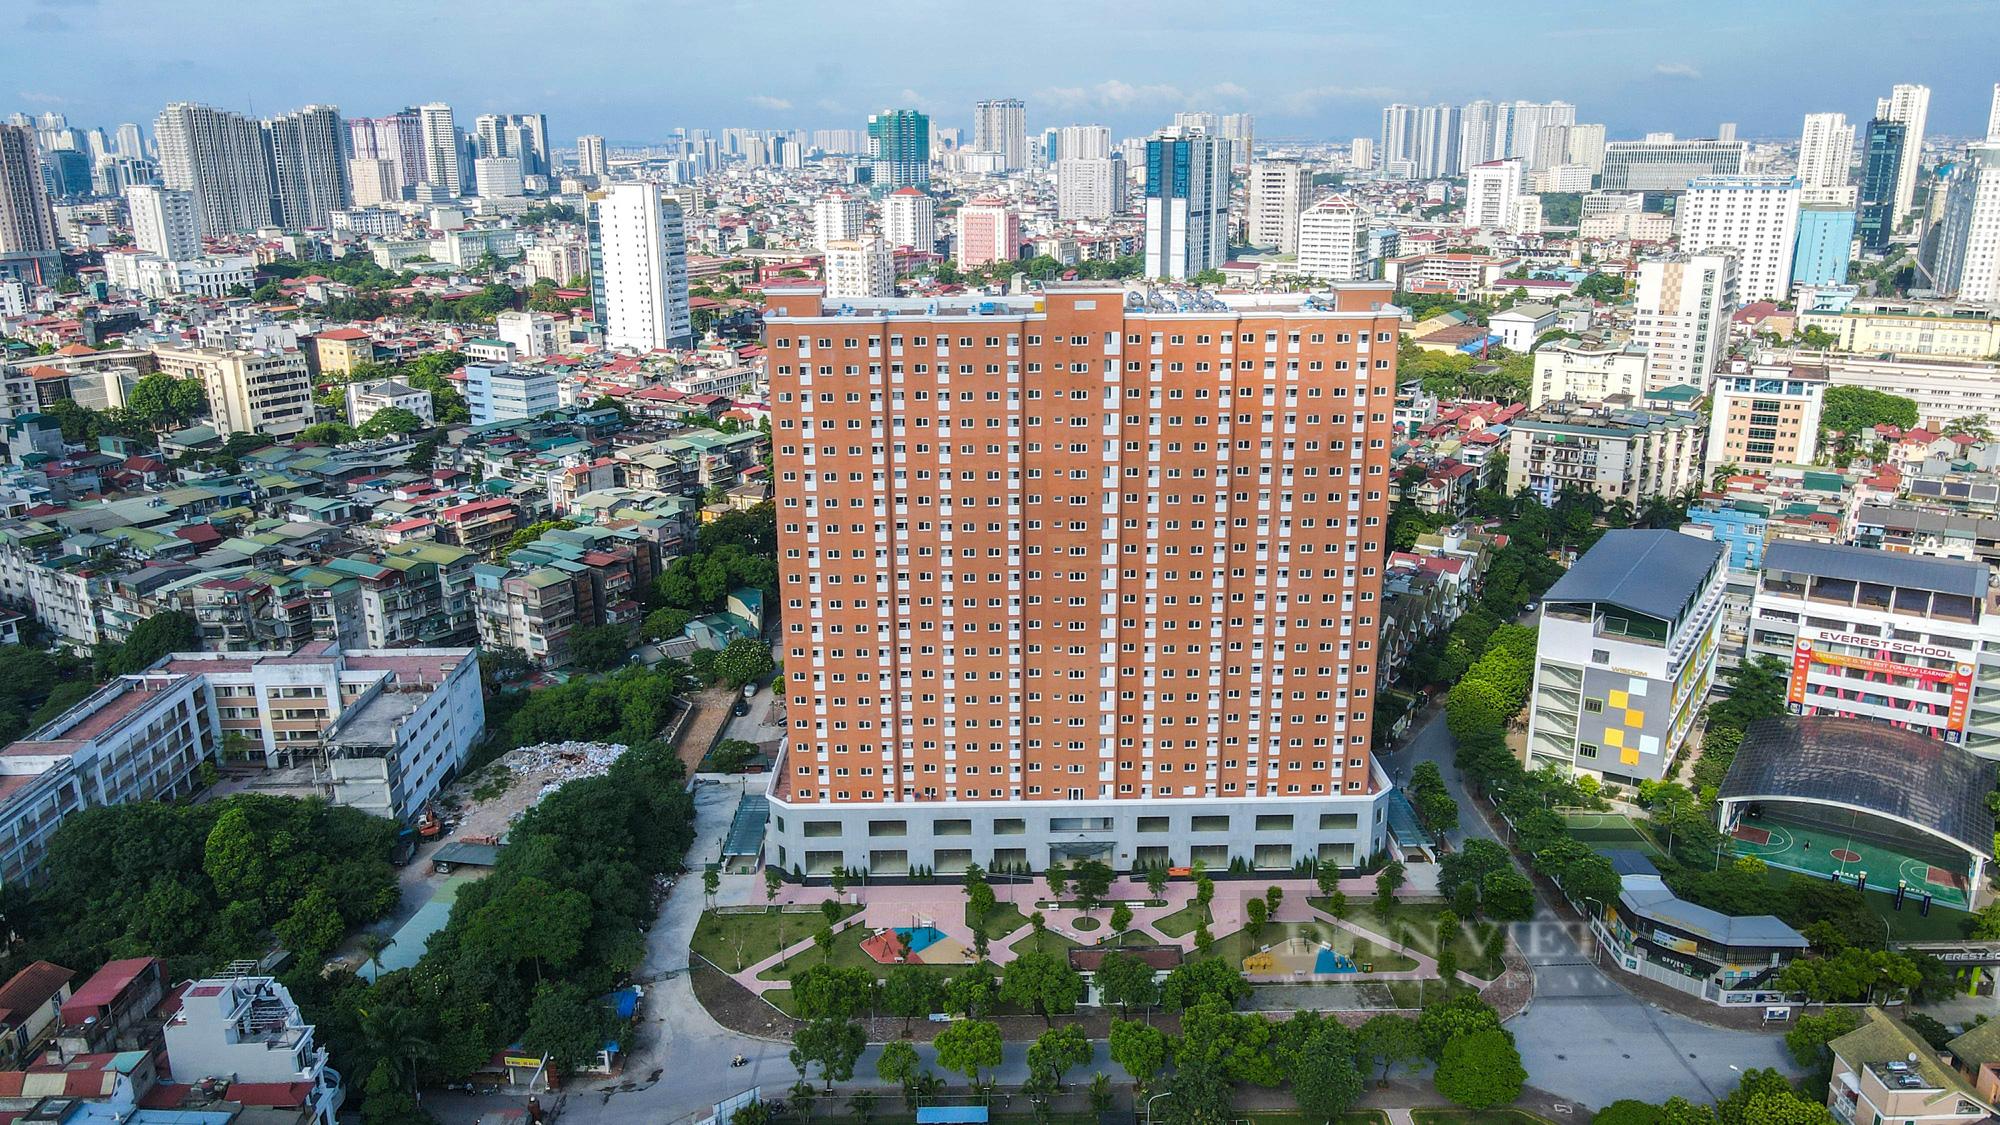 Điểm qua các khu nhà tái định cư được trưng dụng là bệnh viện dã chiến tại Hà Nội - Ảnh 1.